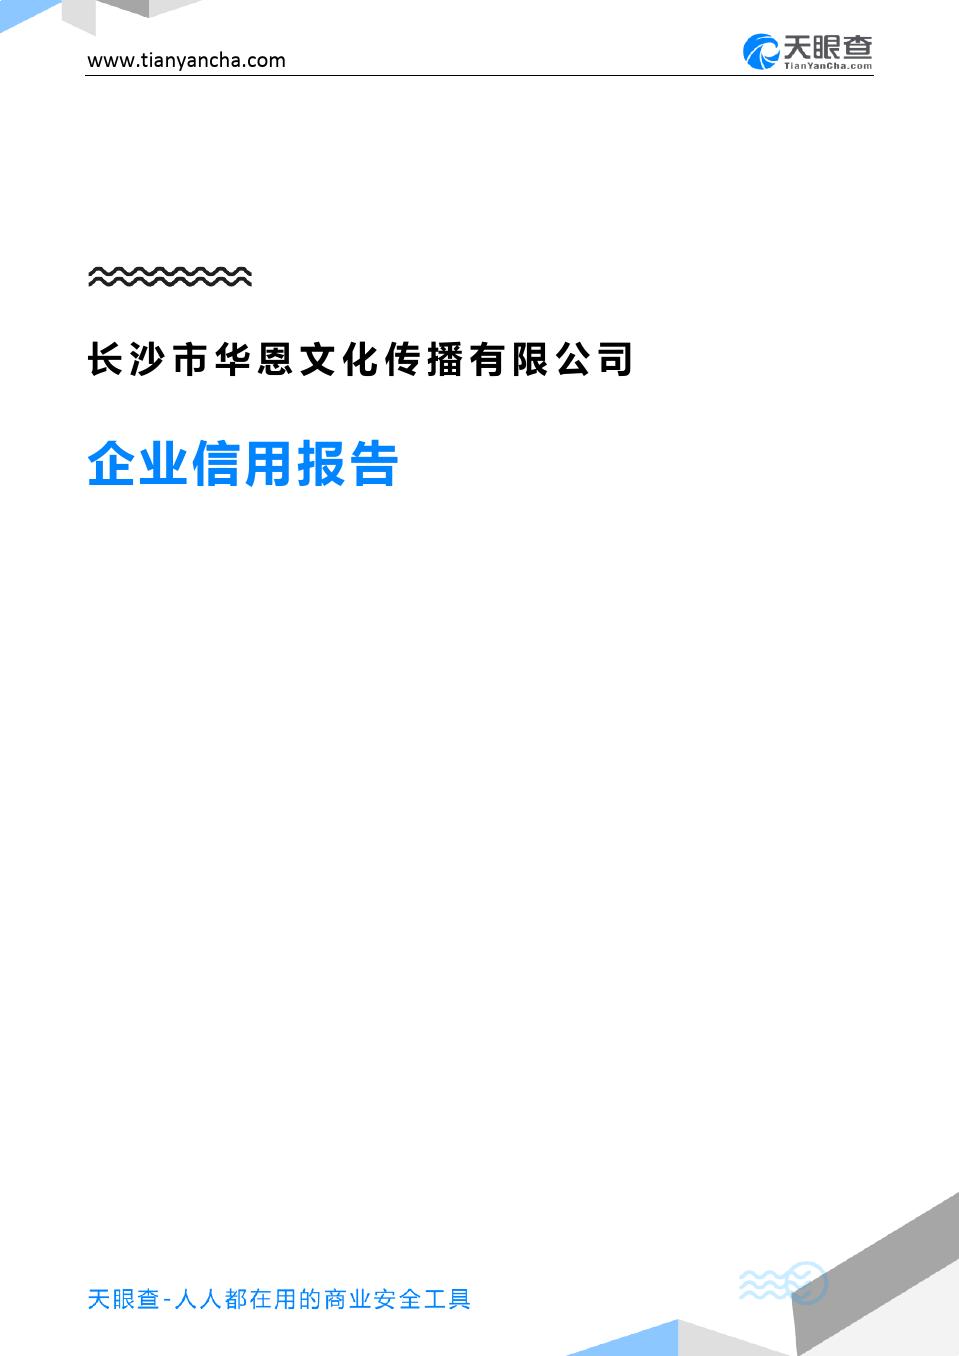 长沙市华恩文化传播有限公司(企业信用报告)- 天眼查